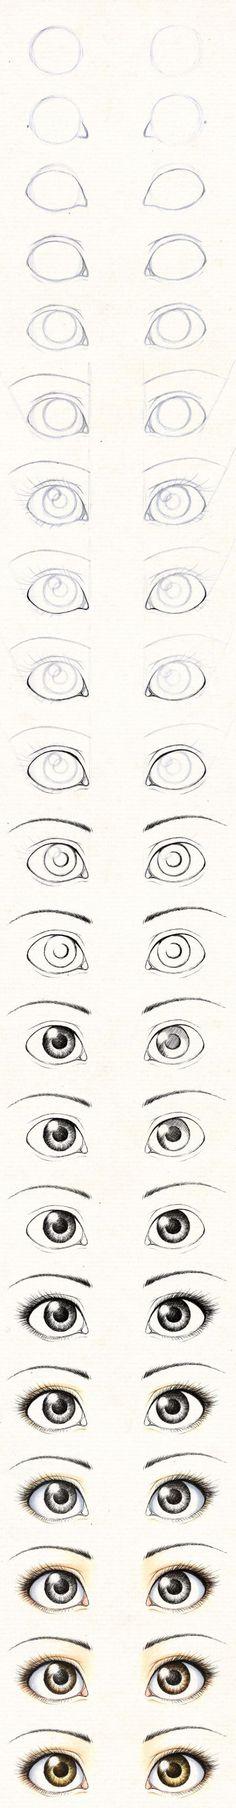 Рисуем глаза текстильной кукле. - Ярмарка Мастеров - ручная работа, handmade